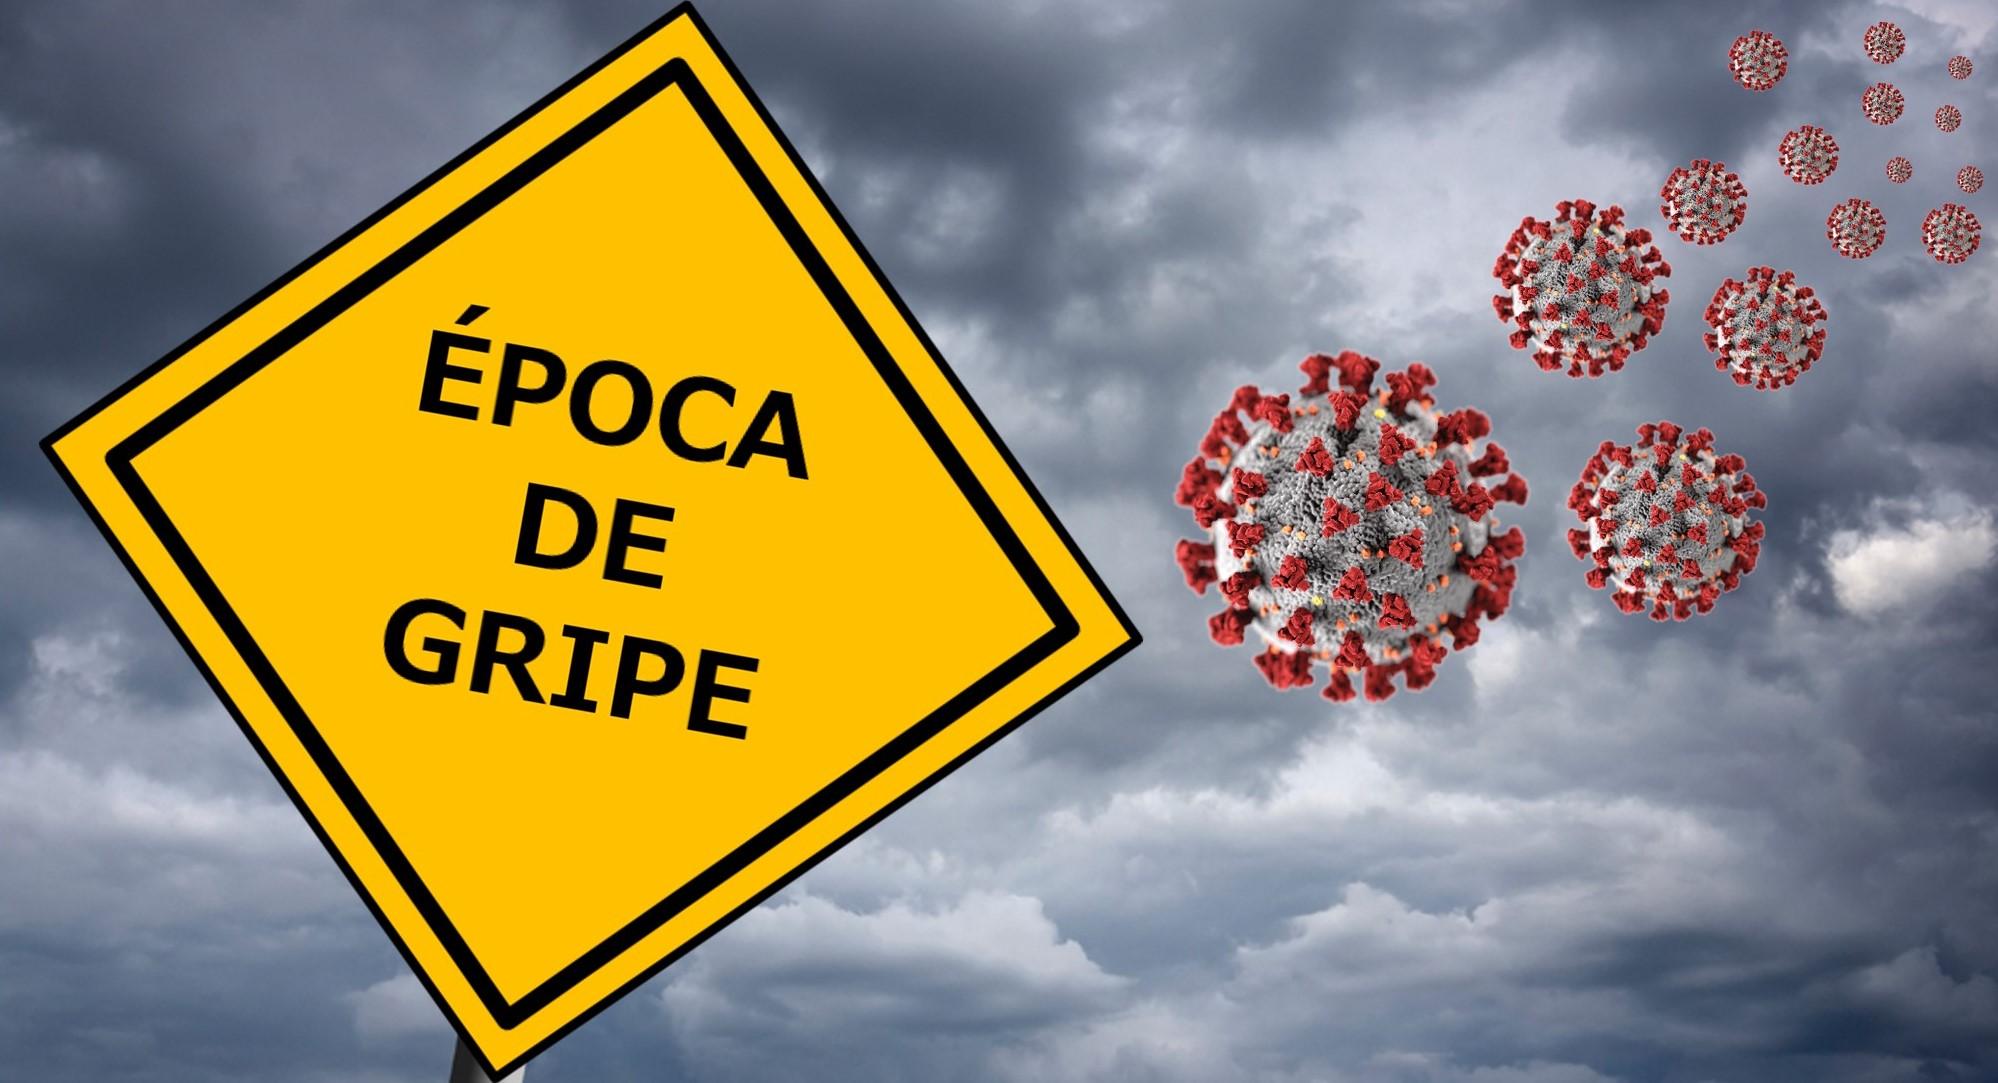 gripe ha desaparecido-no hay casos de gripe-que ha pasado con la gripe-coronavirus-pandemia-sars cov 2-por que las mascarillas han parado a la gripe y no al covid-goticulas-aerosoles-droplets-airborne transmission-transmision por aerosoles